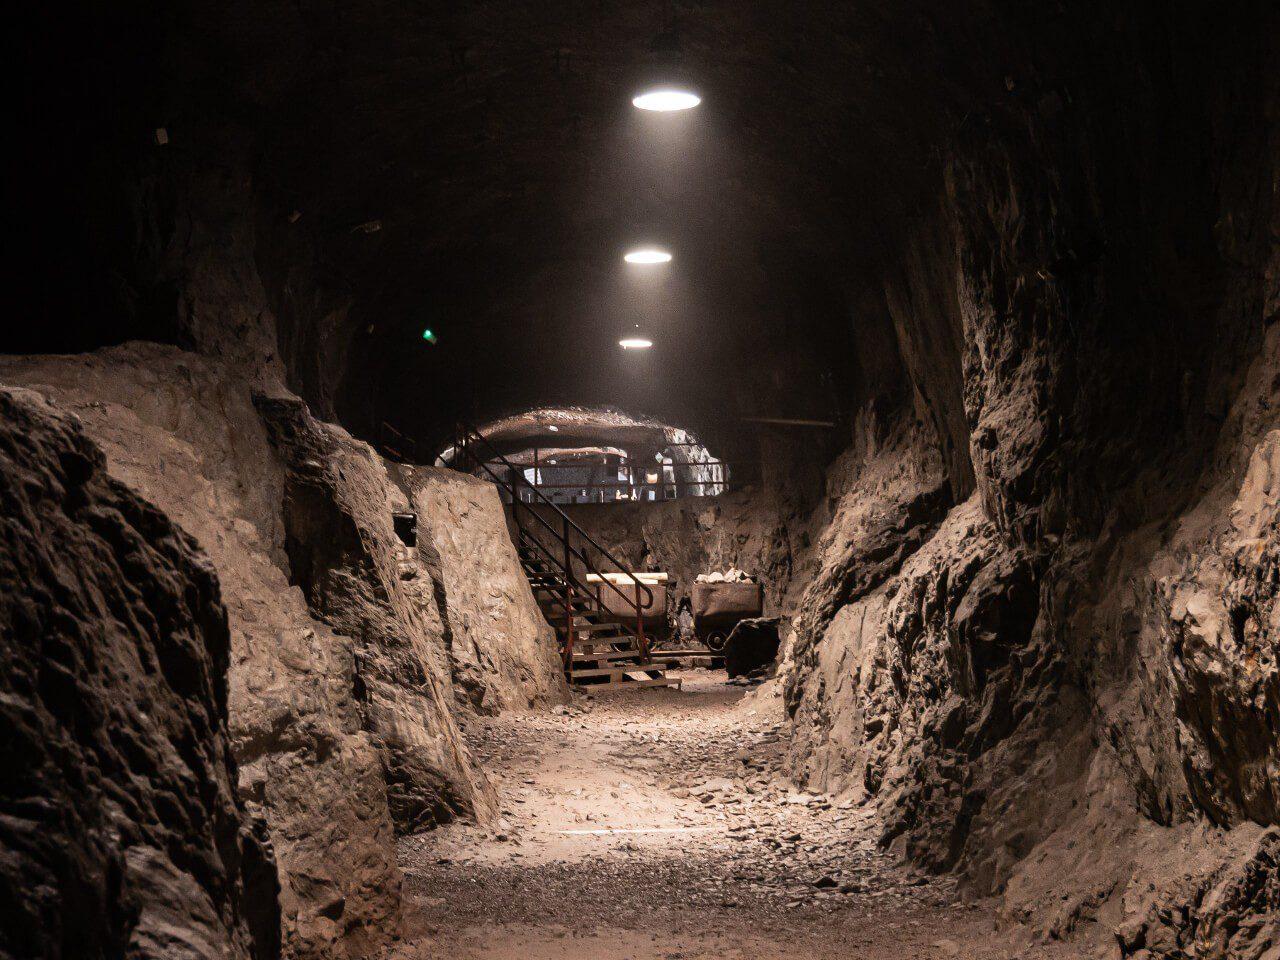 Podziemne miasto Osówka projekt Riese góry sowie blog podróżniczy